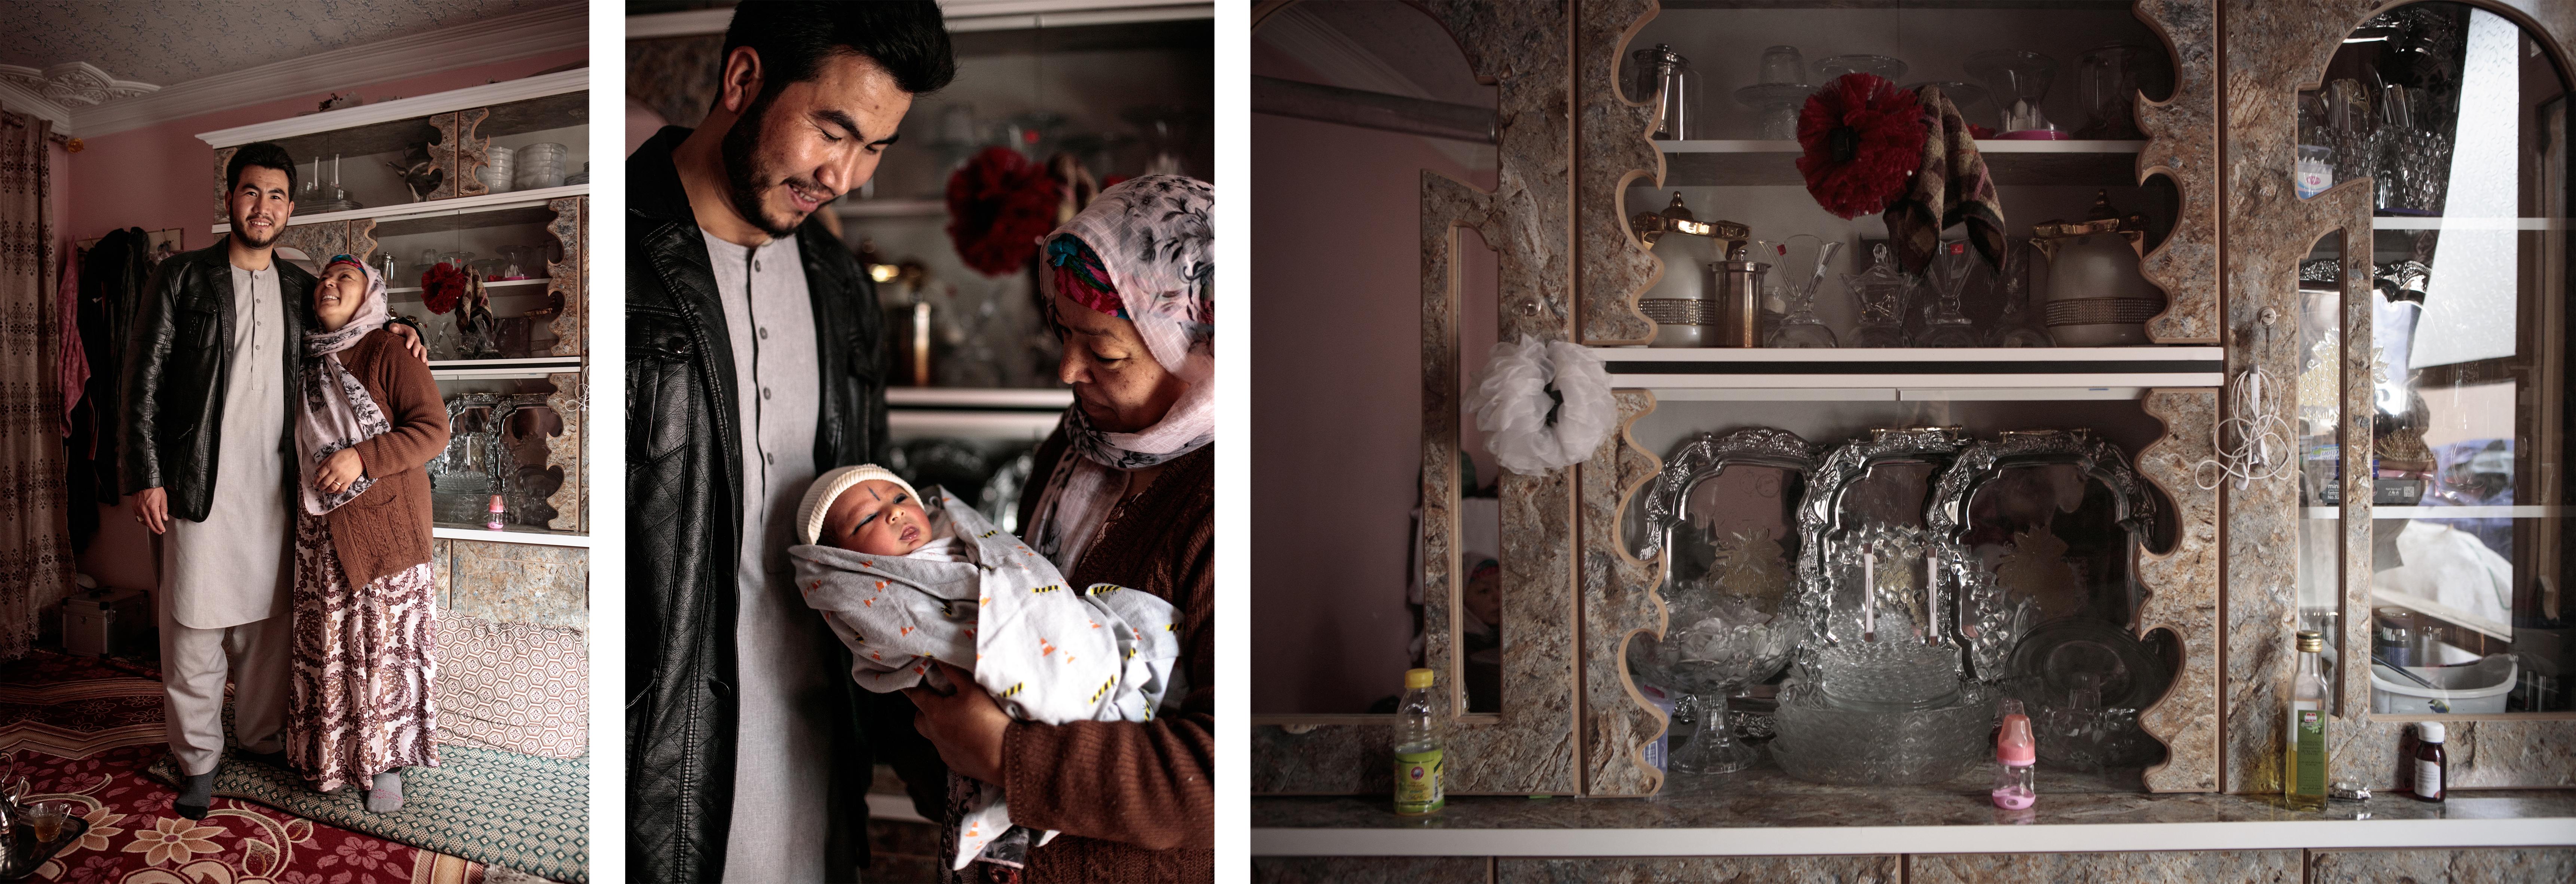 Marzia etMohamad Jawad se sont mariés l'année dernière, ils sont cousins. Les noces ont été célébrées dans unwedding hall, unsalonde mariage. Il y avait 1 500 invités, c'est la moyenne en Afghanistan. Dans la vitrine du meuble de leur chambre, la vaisselle et les divers cadeaux de mariagetrônent.